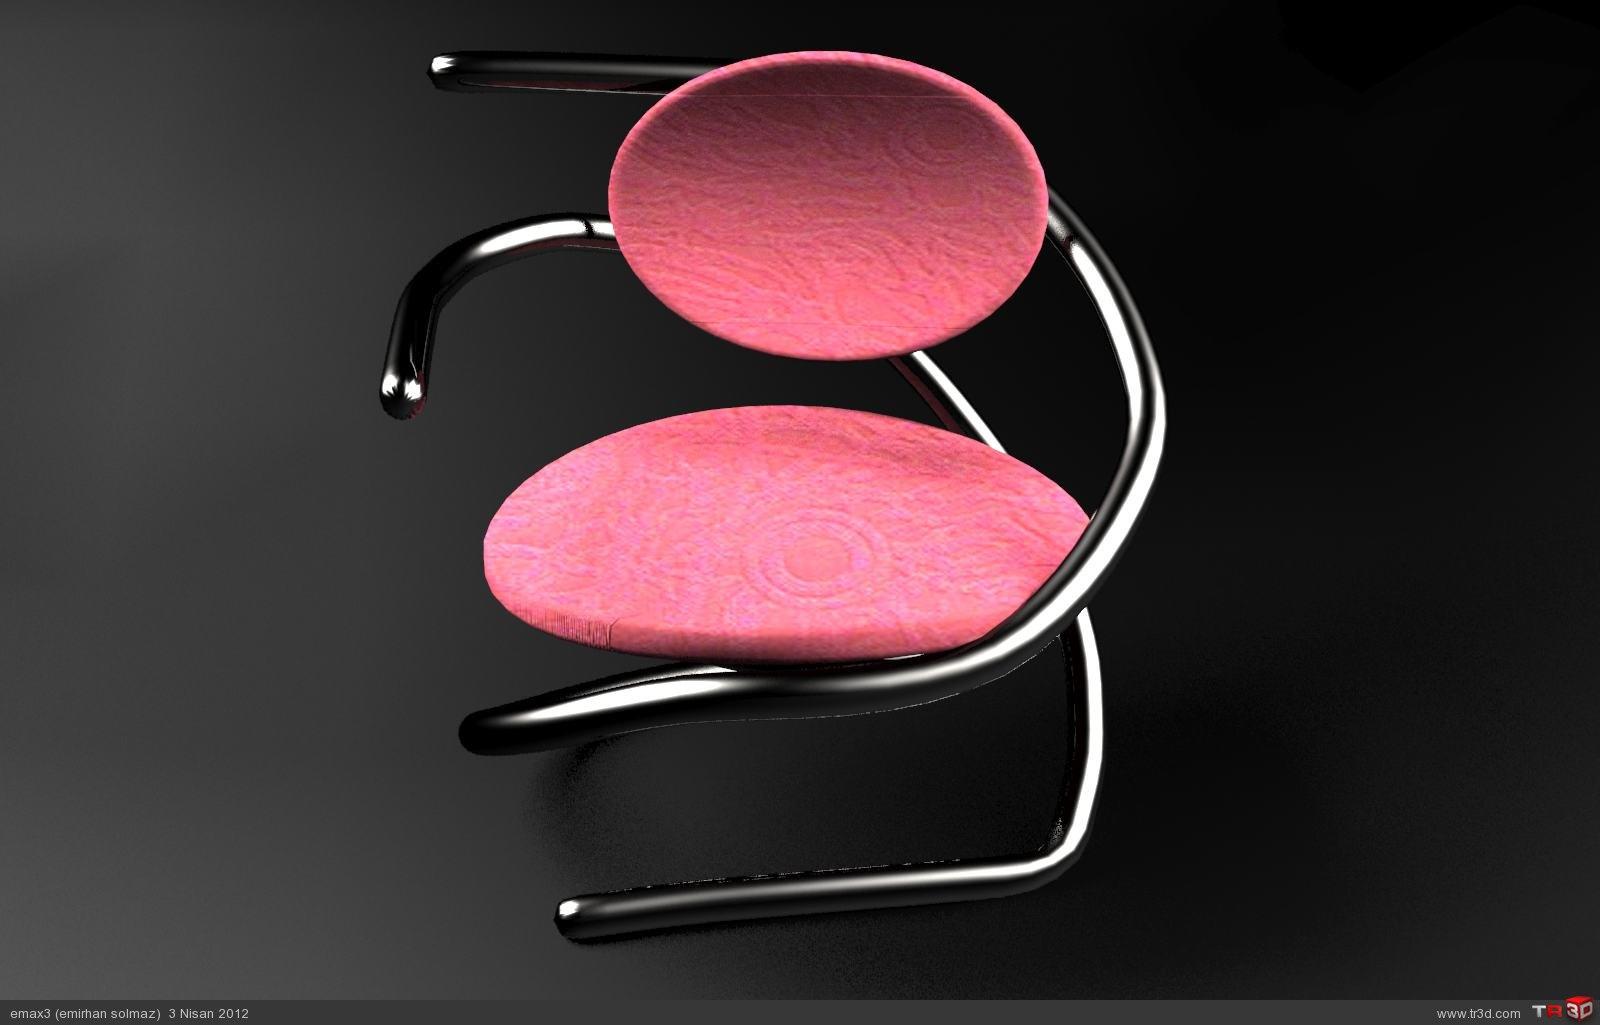 silindirik sandalye 1